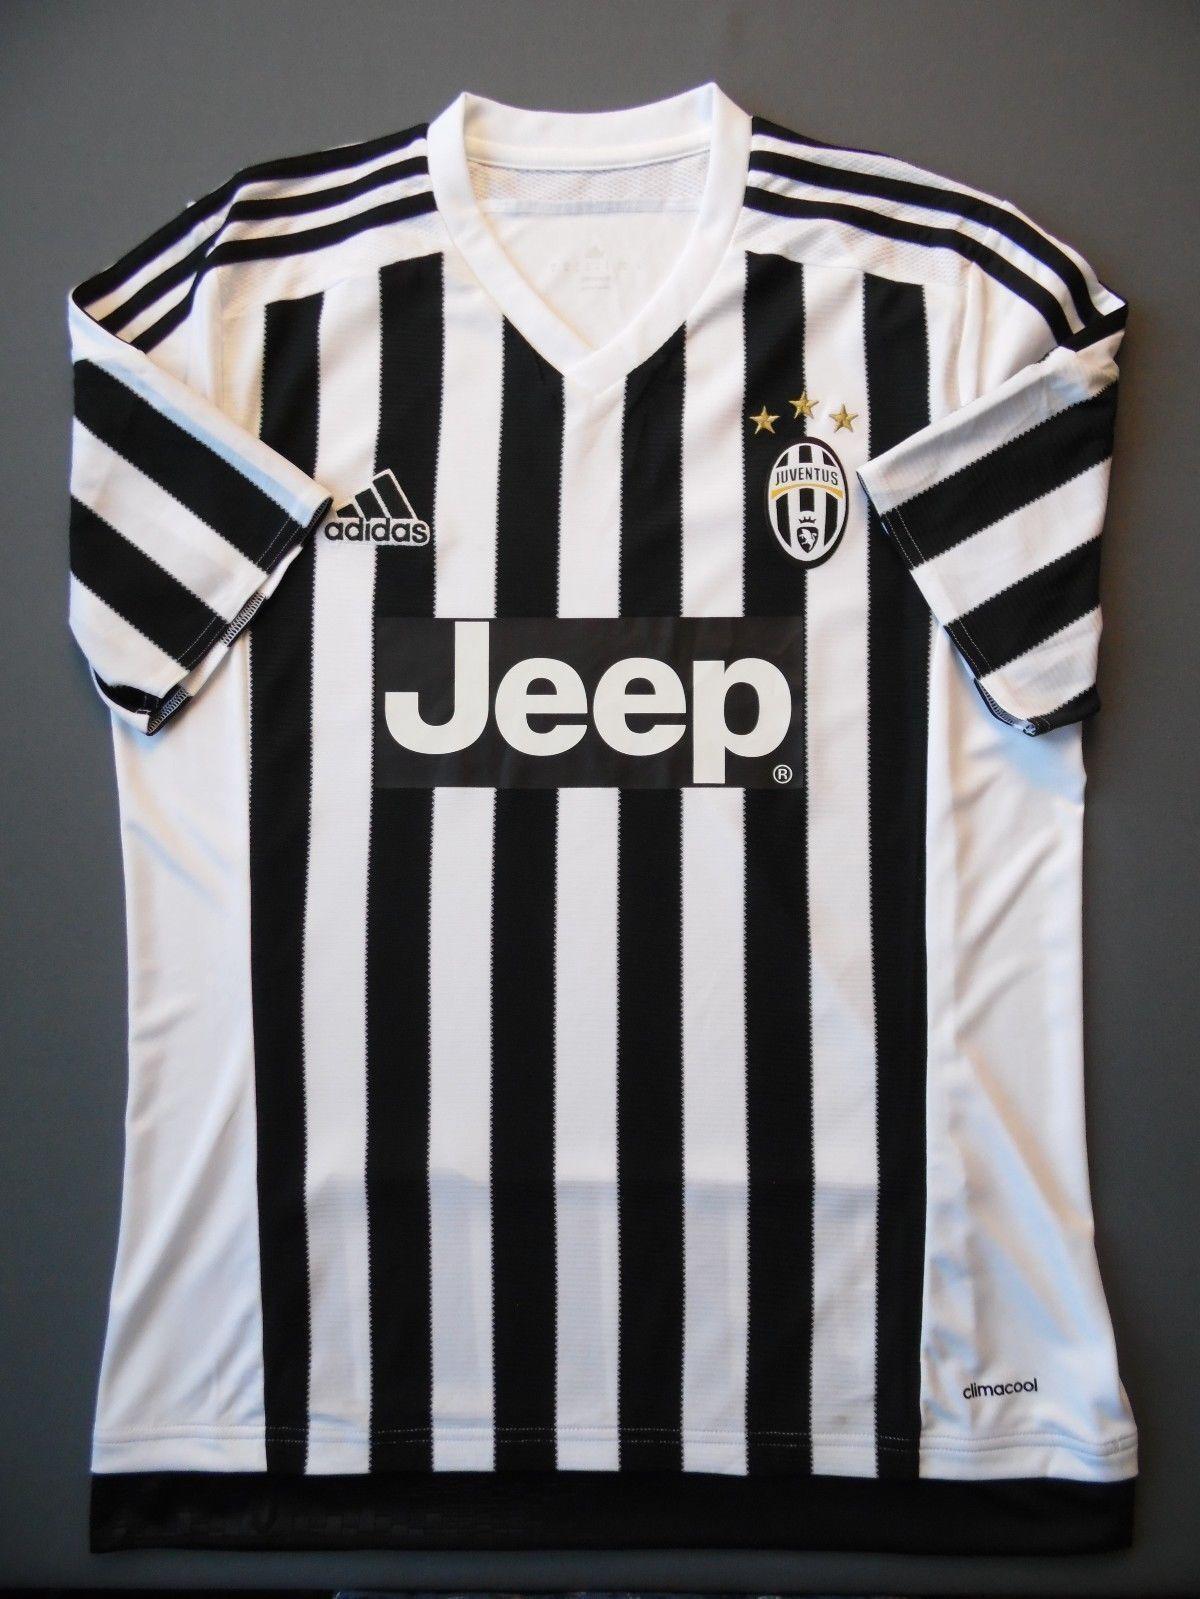 75fcb29d4 5+ 5 Juventus jersey S M home 2015 2016 shirt soccer AA0336 ig93 adidas L  nvzmvf3308-Soccer-International Clubs